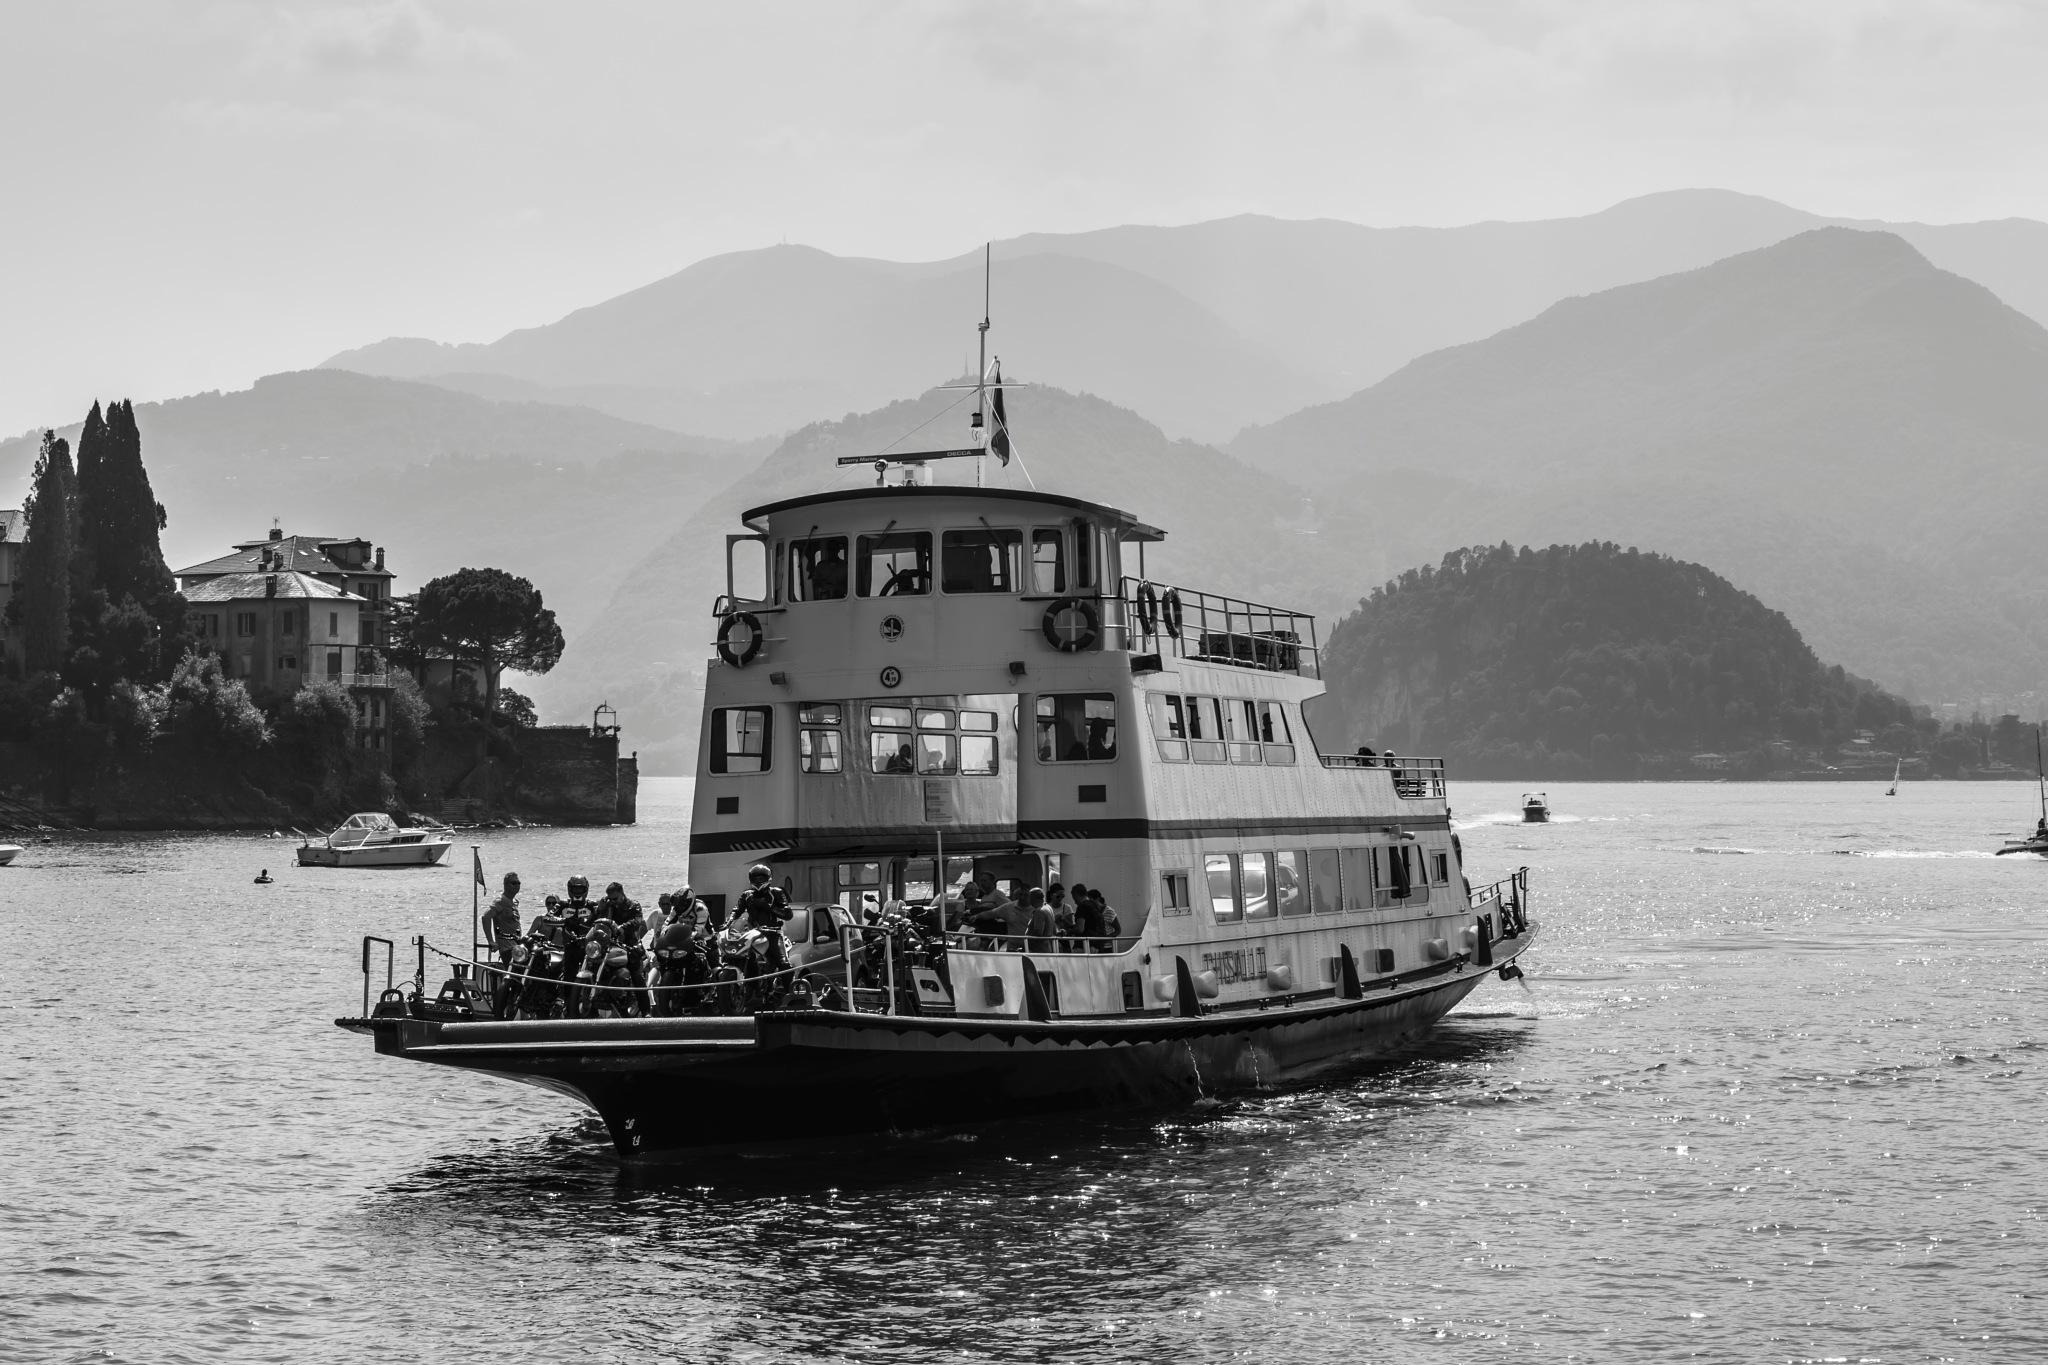 ferry boat by Mauro Gigli